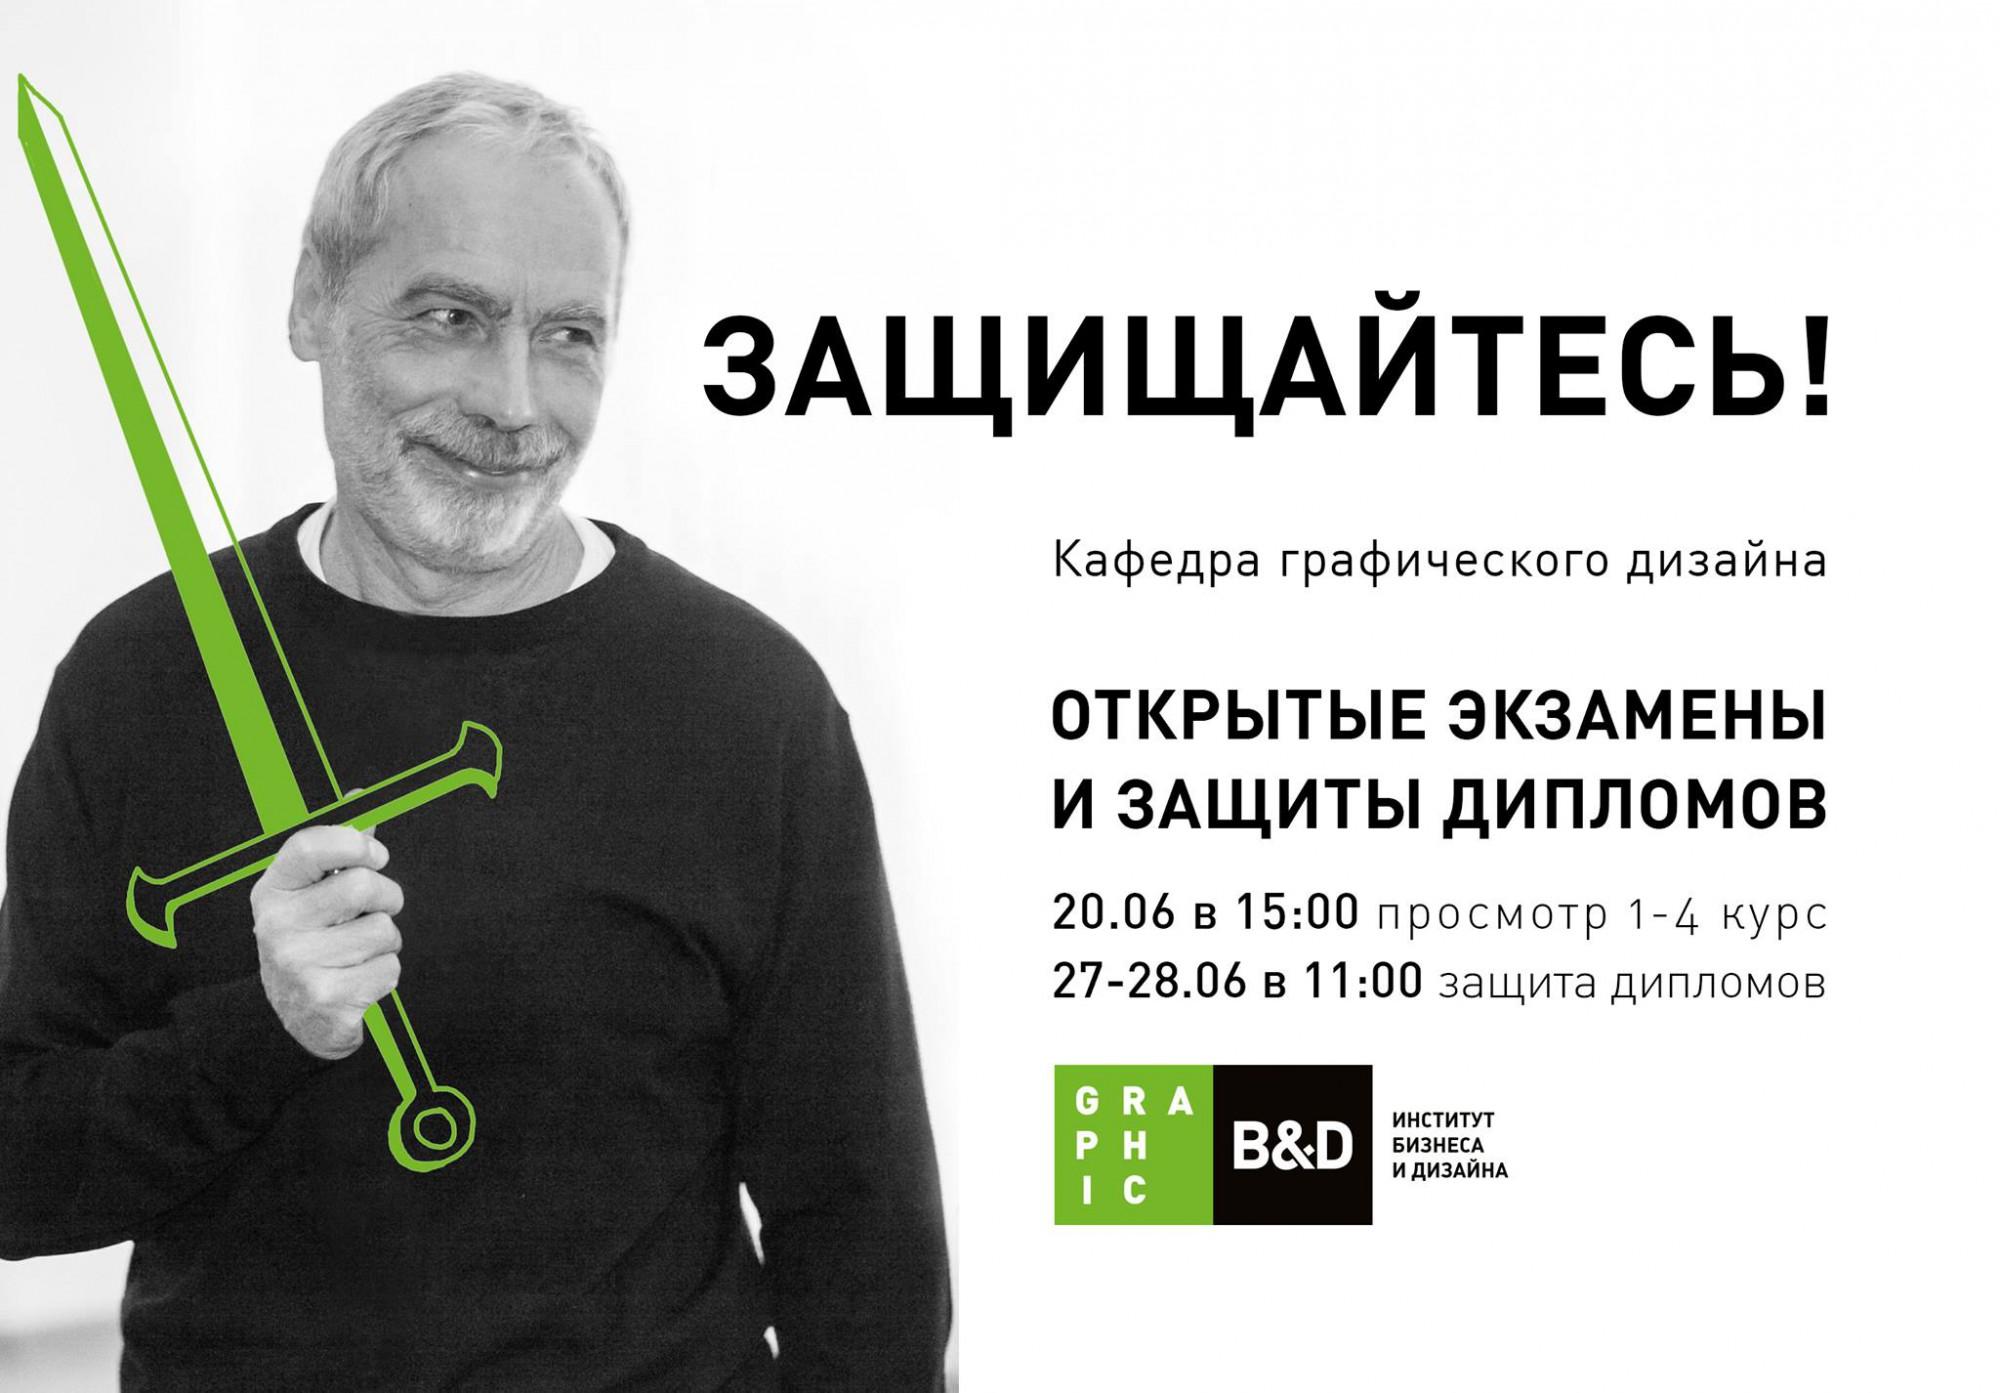 Институты с графическим дизайном москва